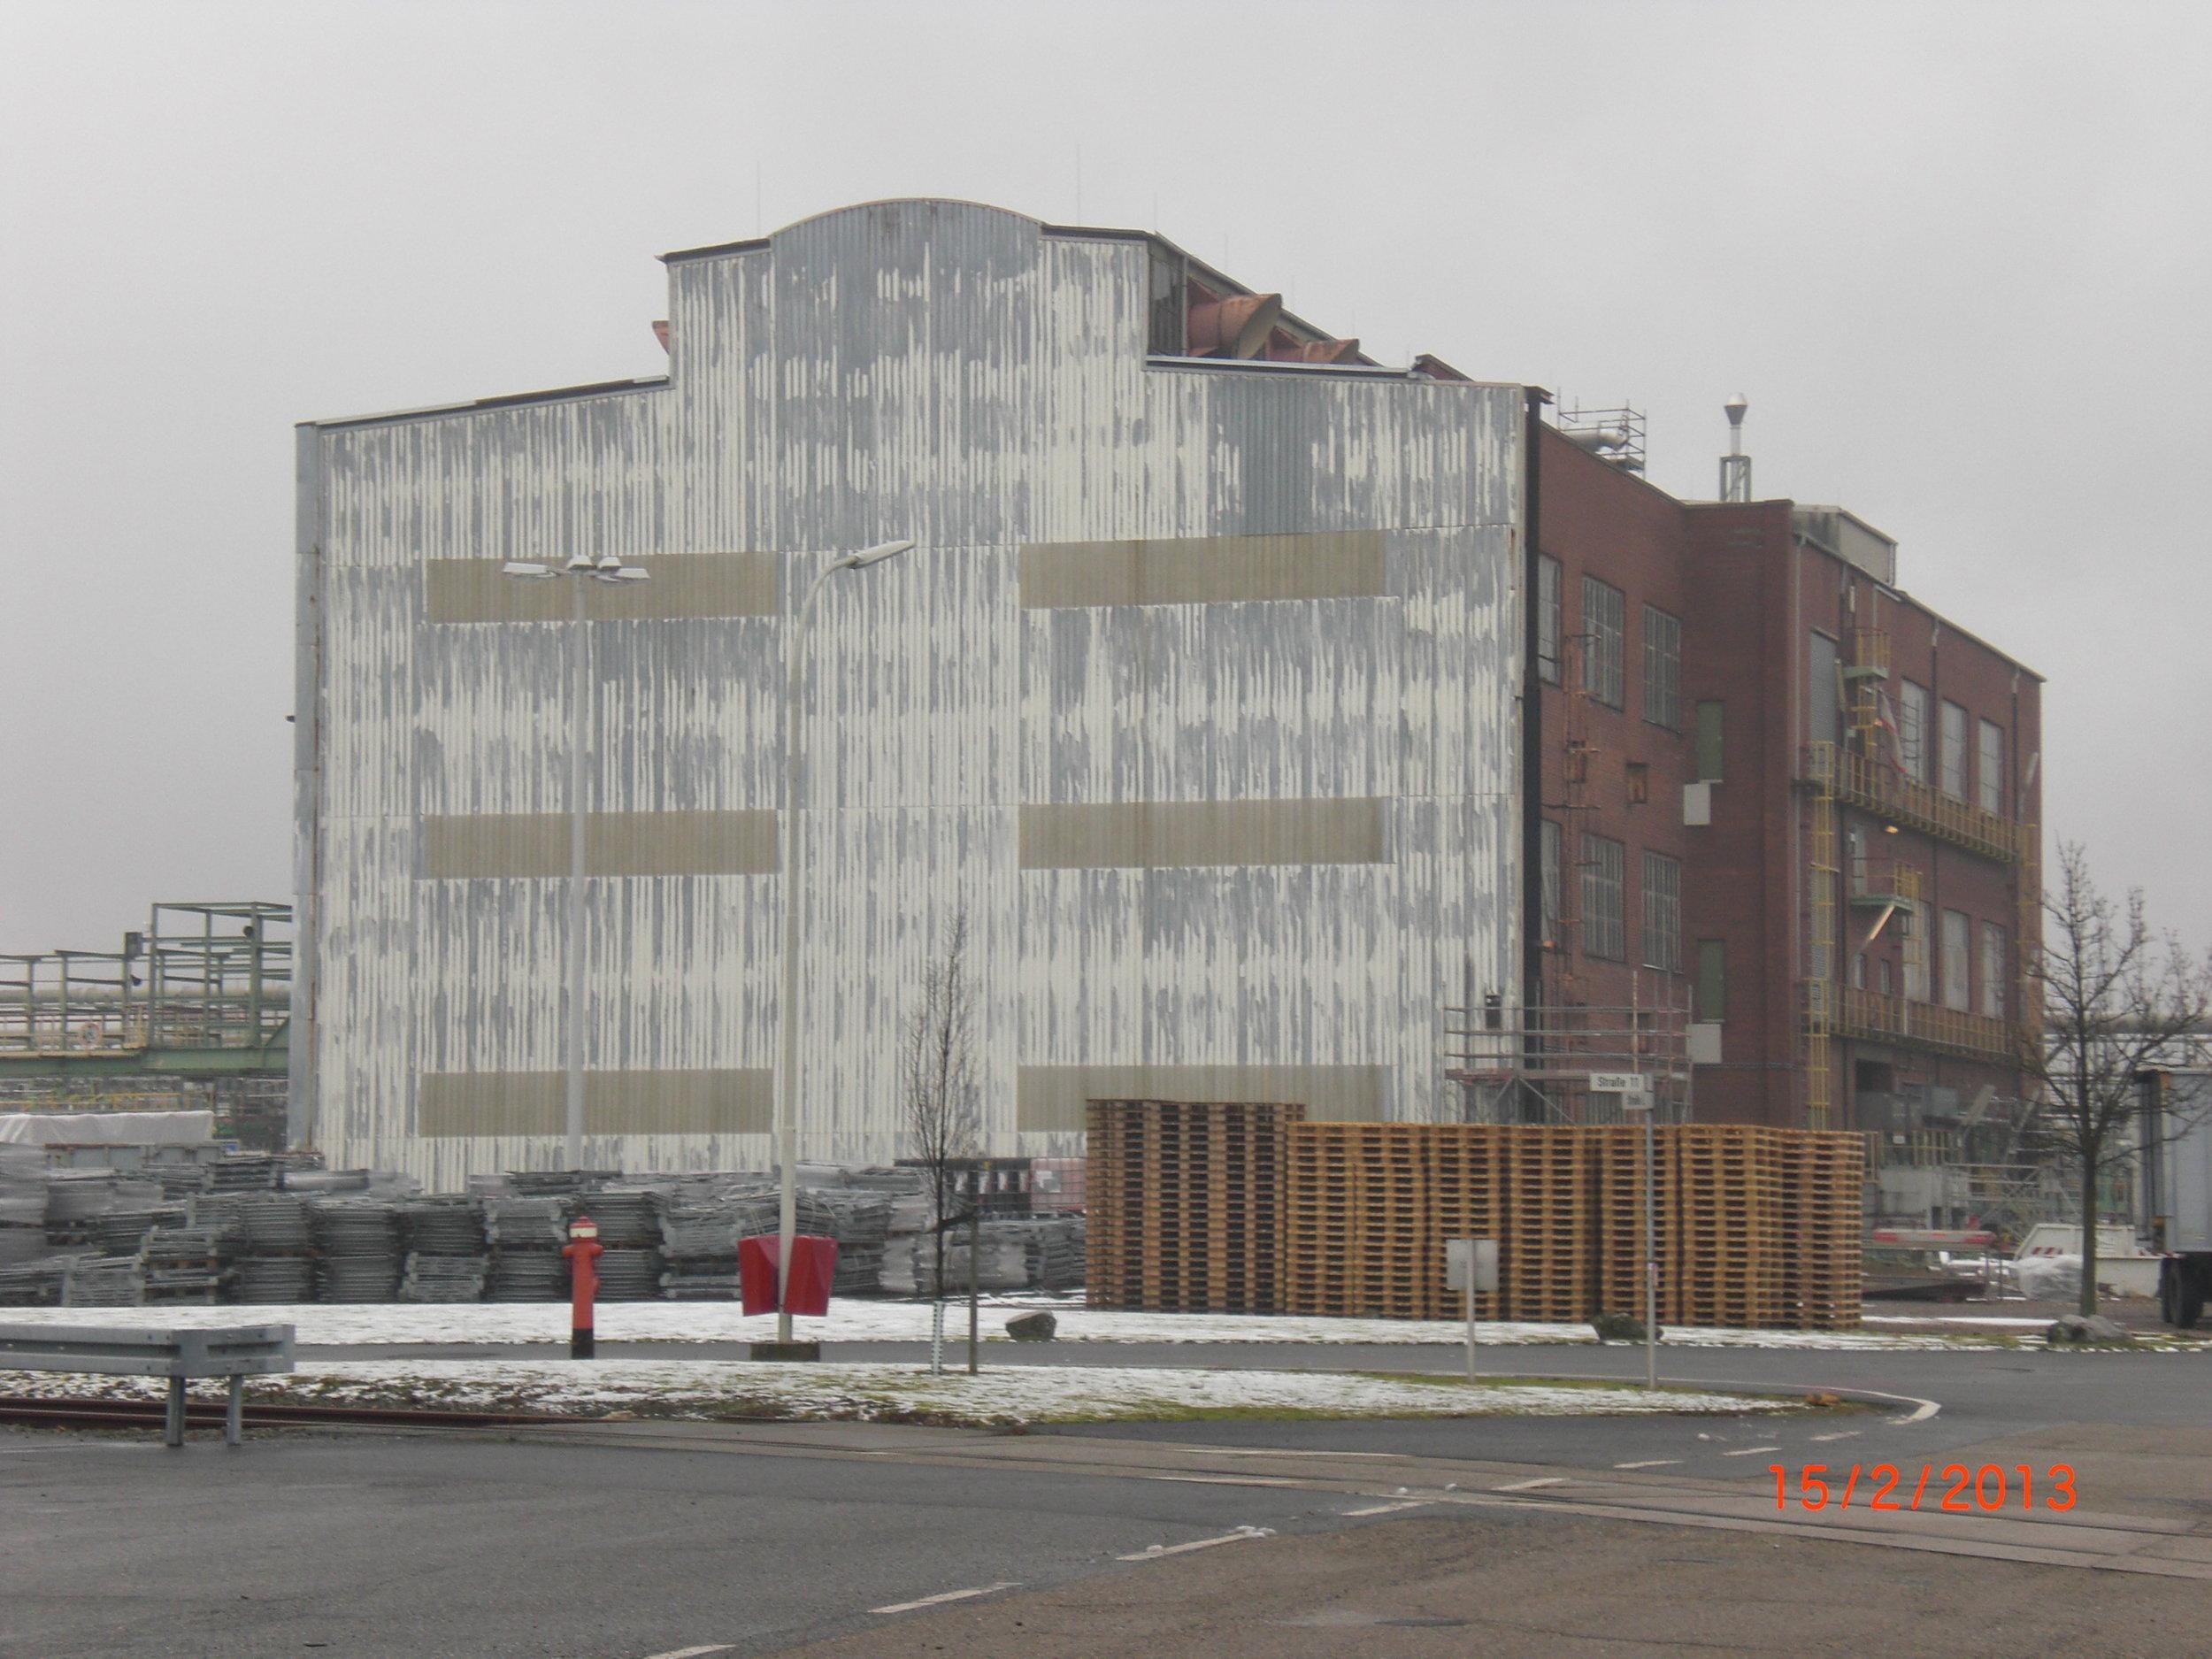 Ein altes Werksgebäude ist stark verwittert. Verschiedene Materialien der Fassade zeigen starke Schäden.